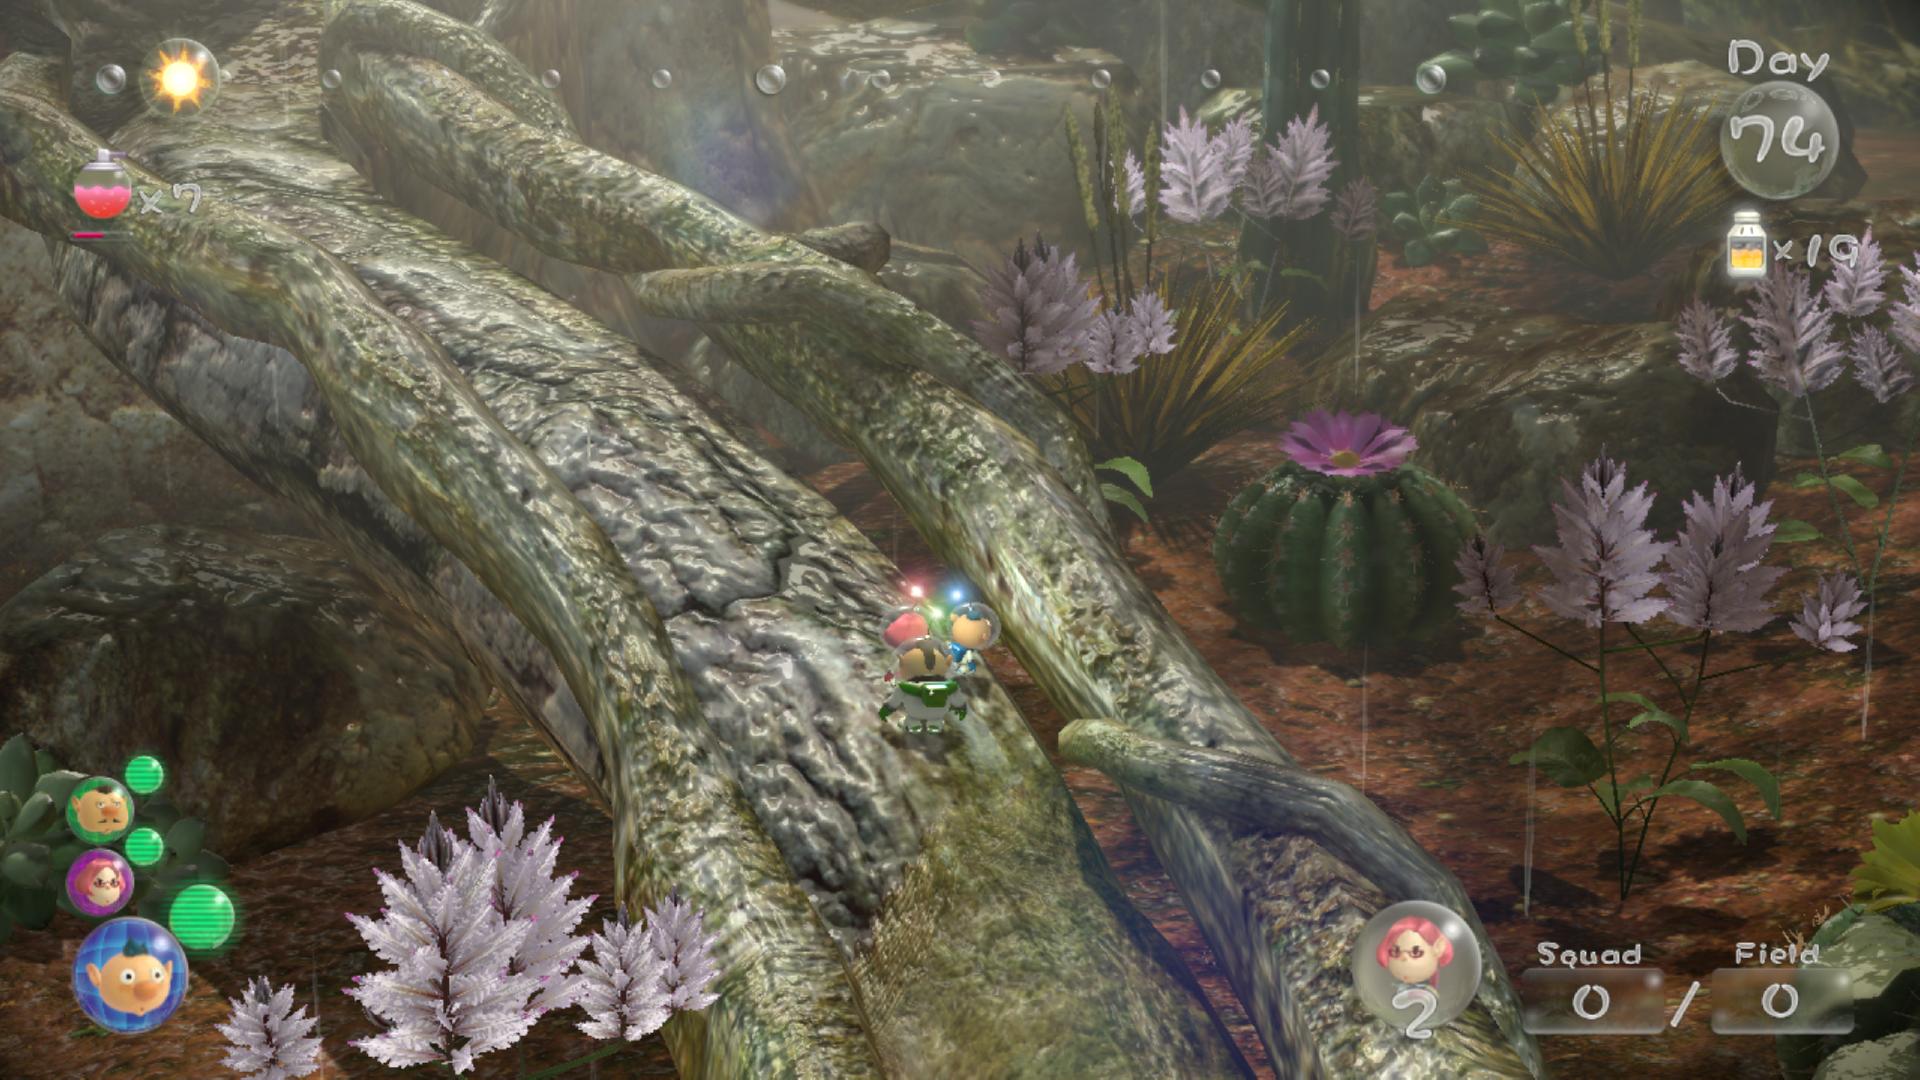 Cemu (Wii U Emulator) introduces customizable graphics